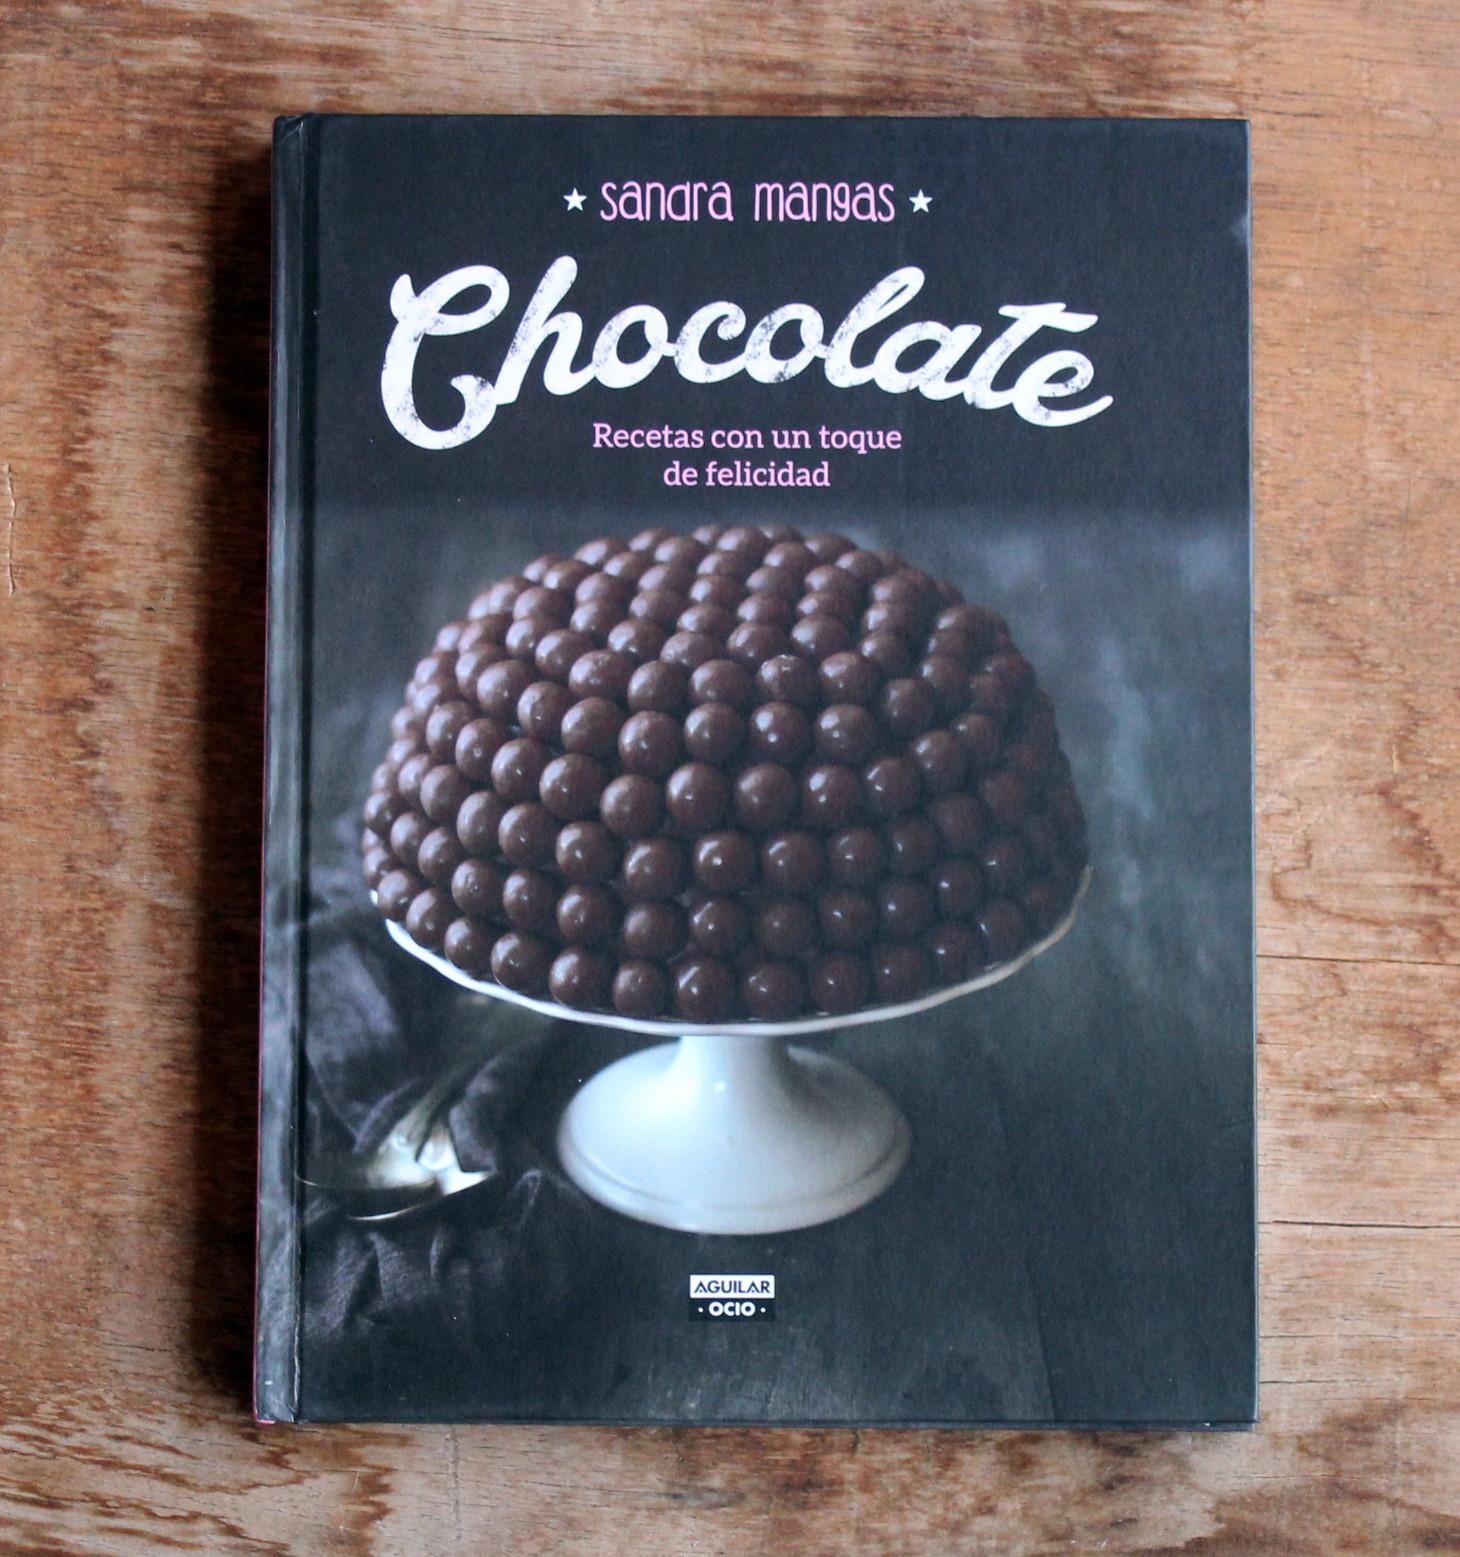 chocolate-recetas-de-chocolate-con-un-toque-de-felicidad